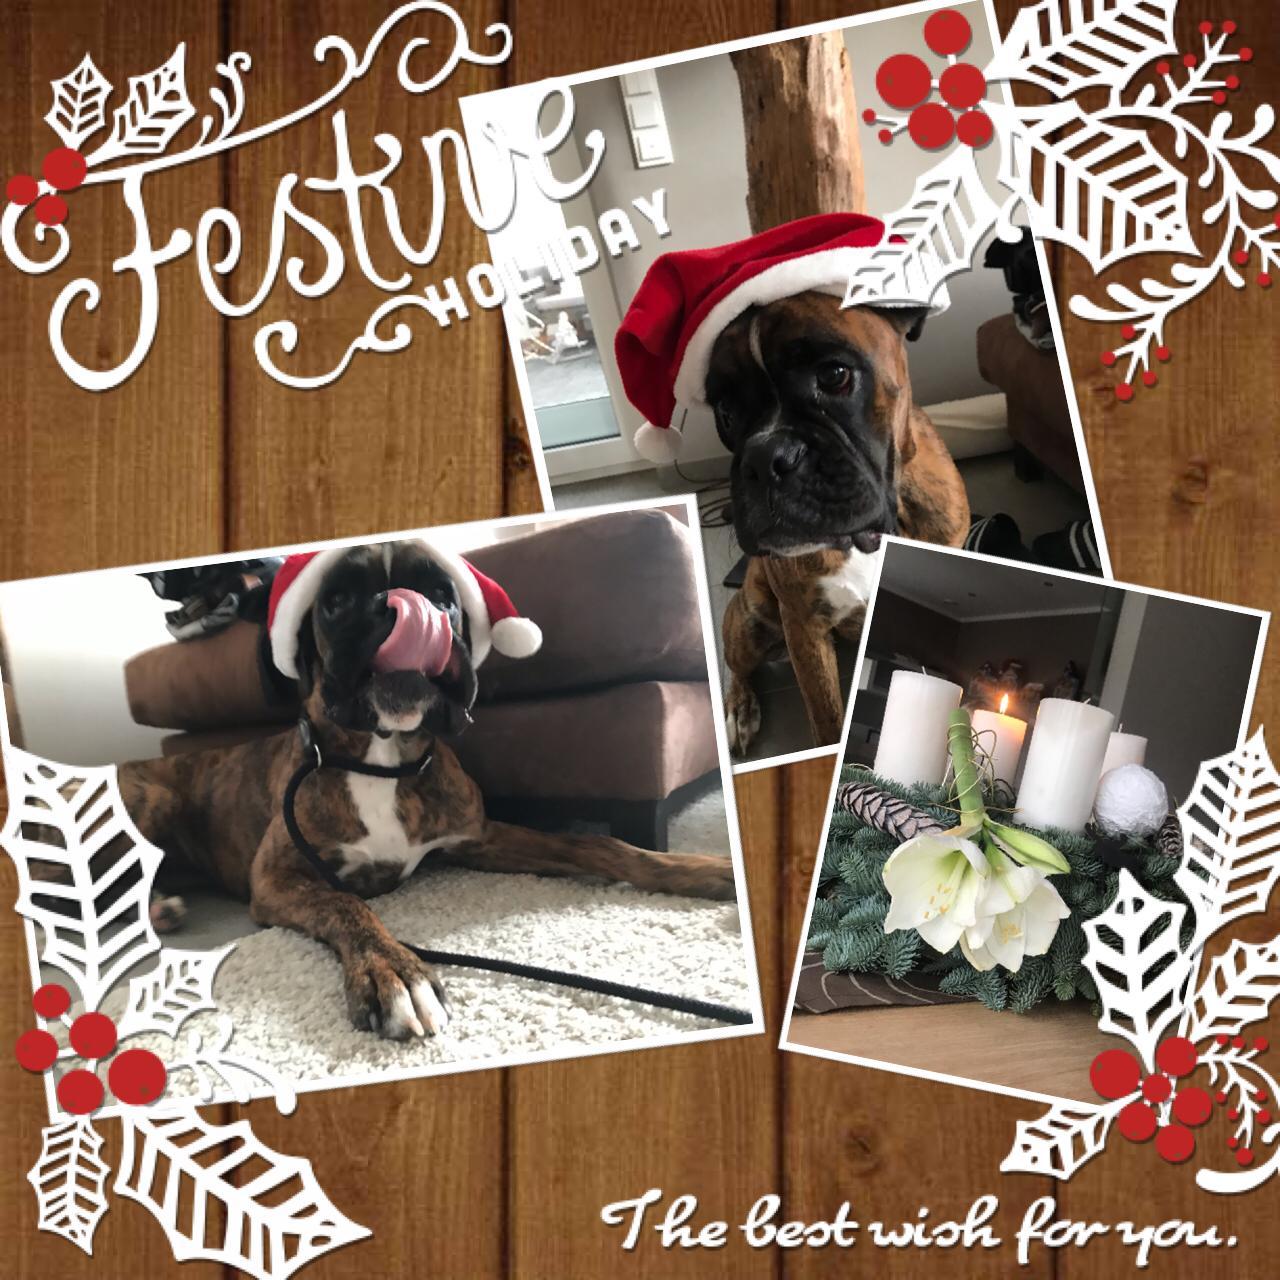 Cleo wünscht eine schöne Adventszeit